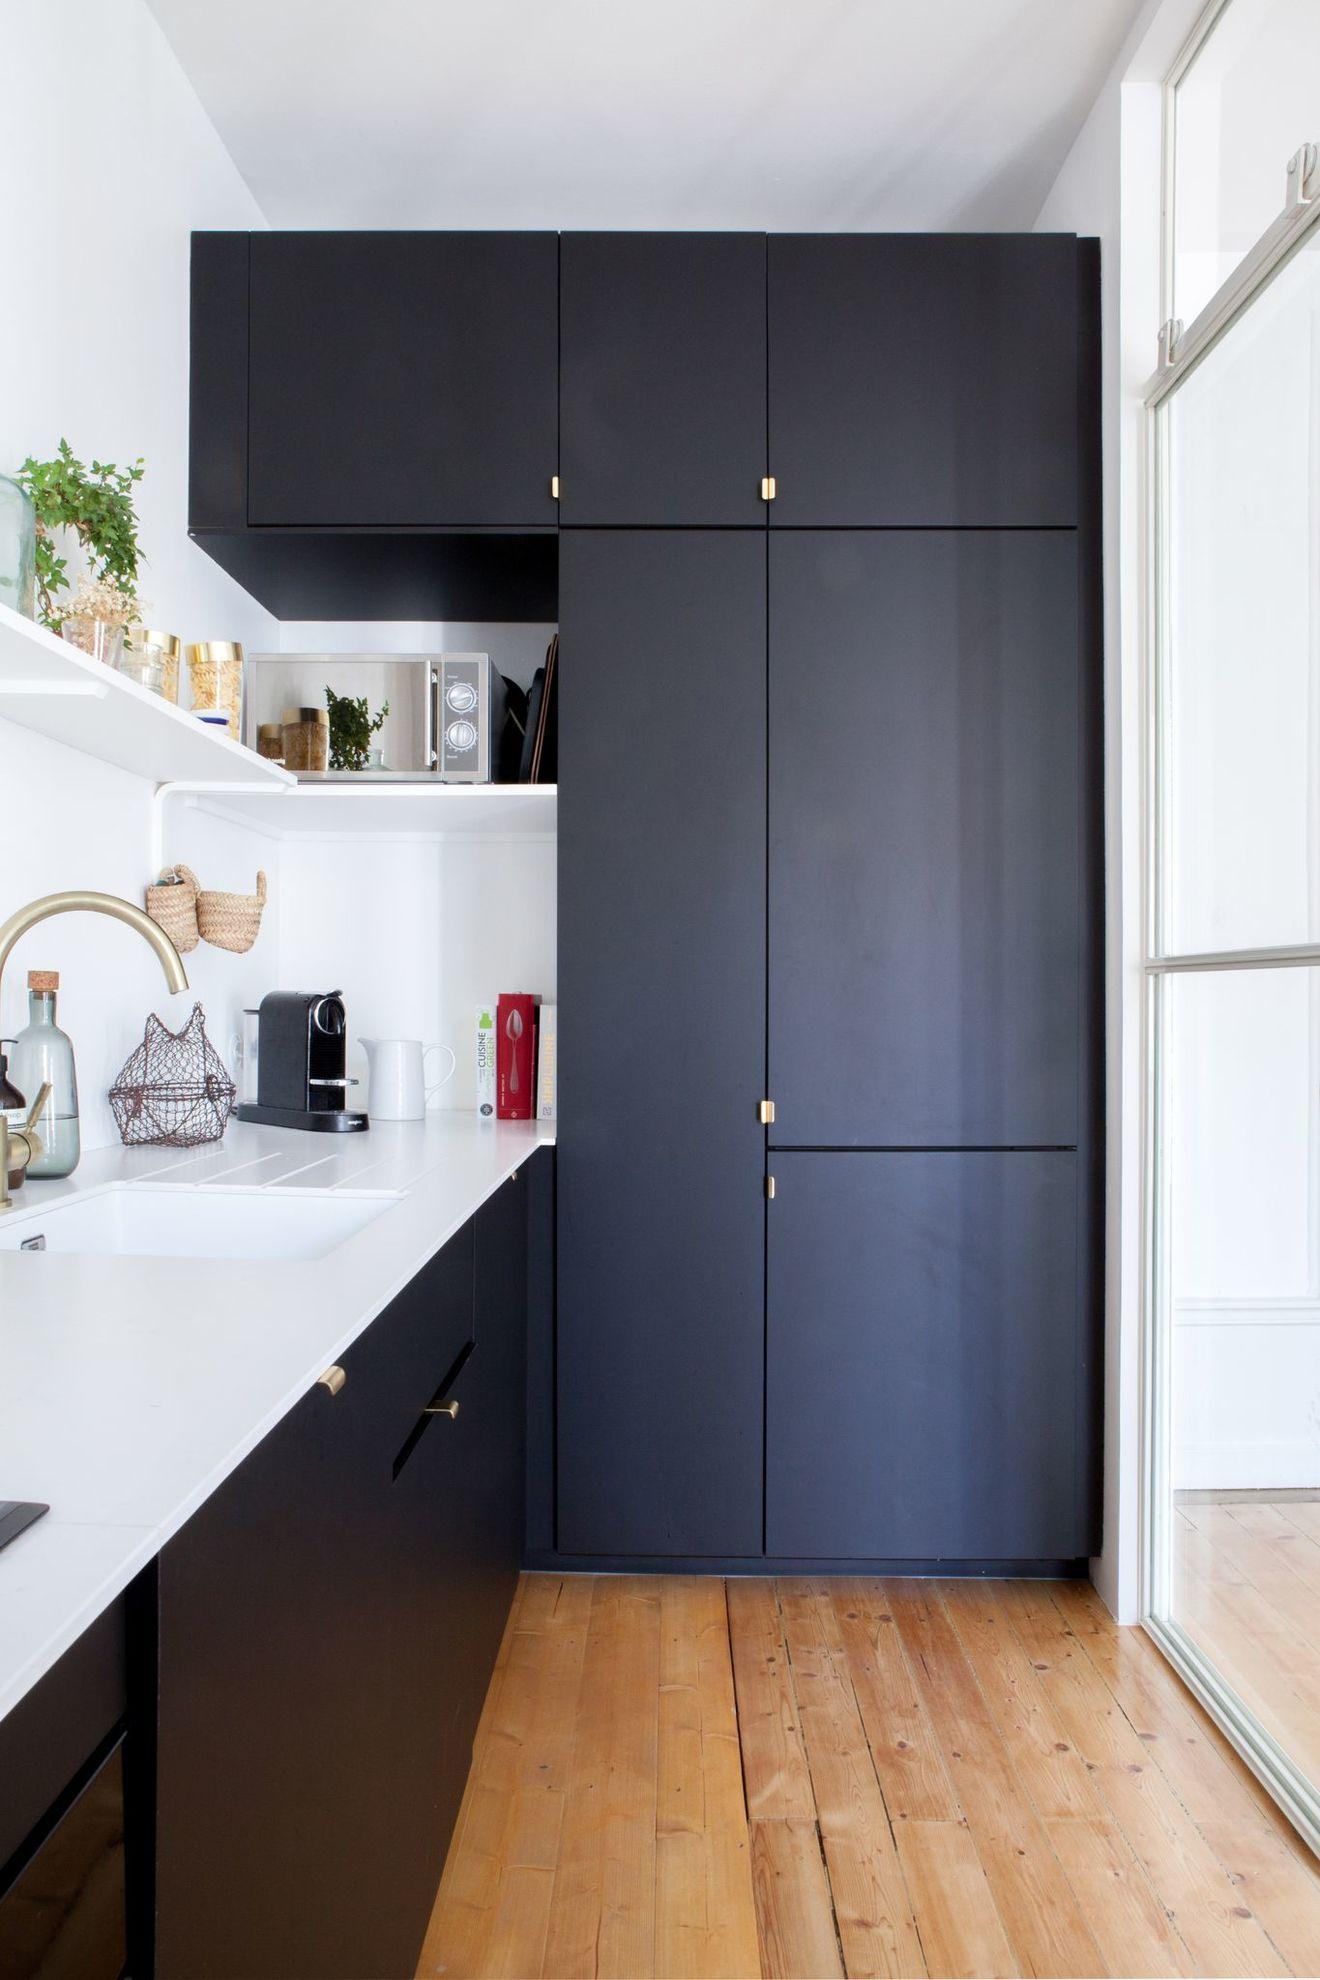 Appartement Annecy : un haussmannien réaménagé pour une famille de 5